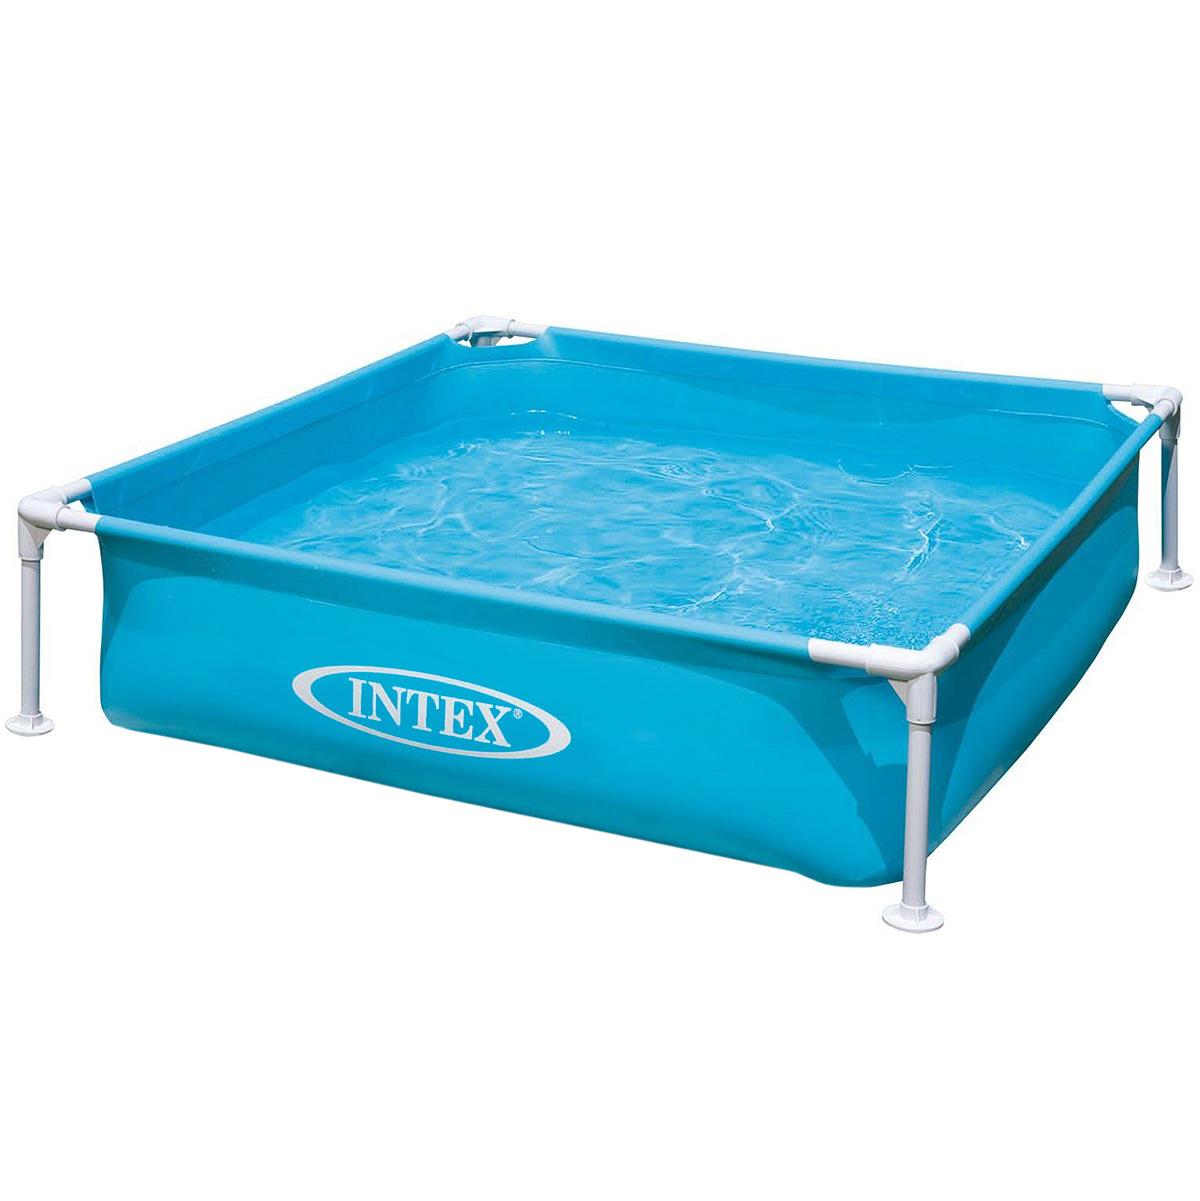 Бассейн Intex, каркасный, цвет: голубой, 122 х 30 см бассейн каркасный intex 28310 ultra frame 427х107см